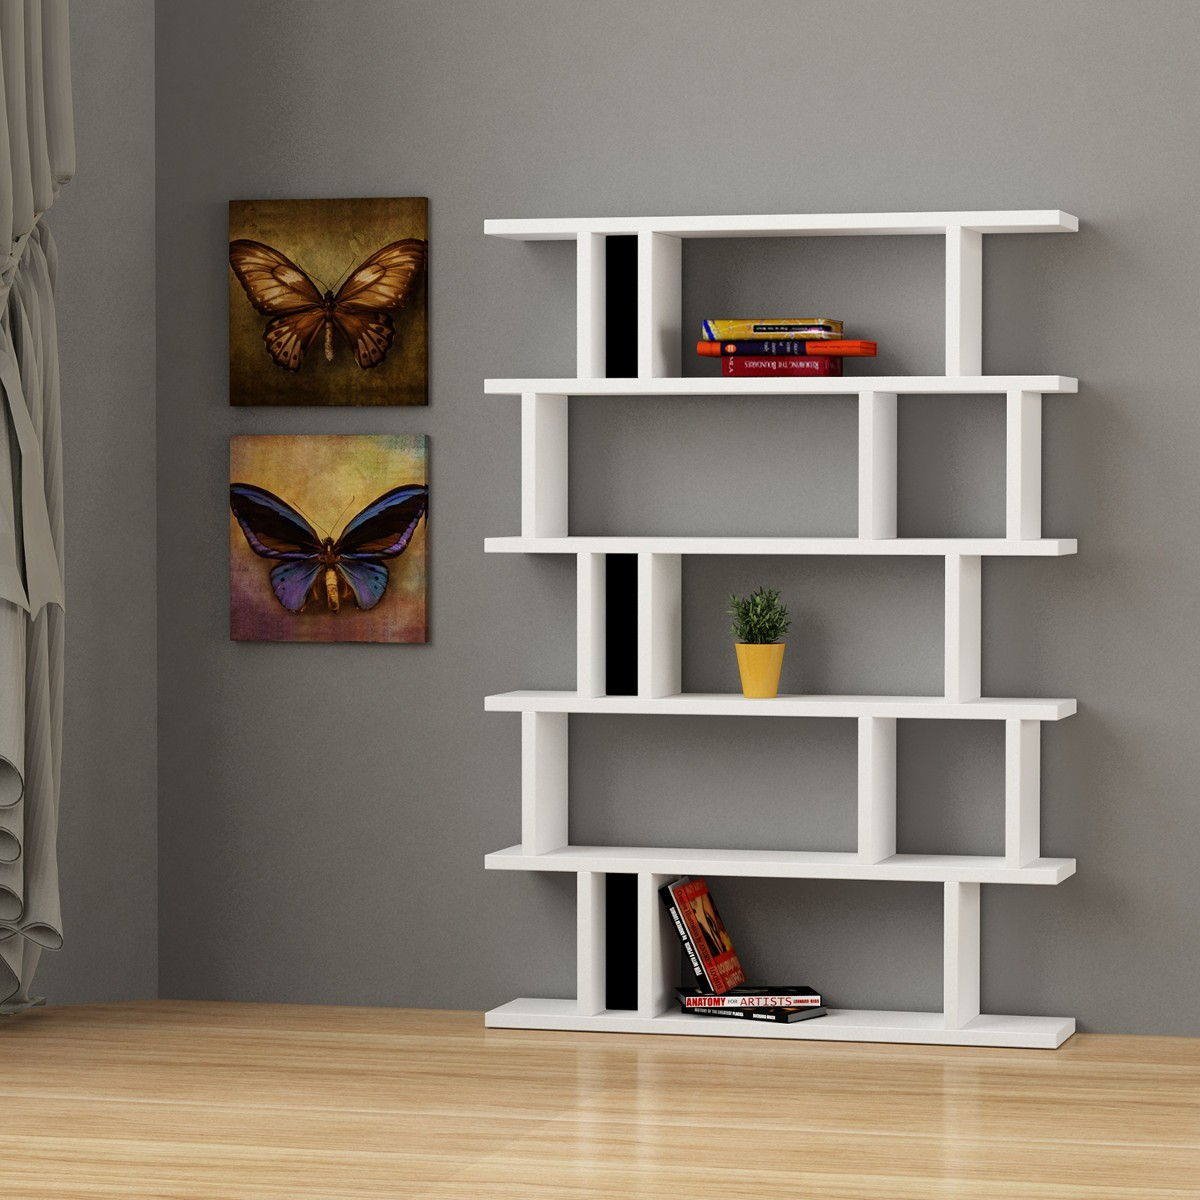 Kendal libreria design soggiorno bianca in legno e plexiglass for Librerie in legno componibili